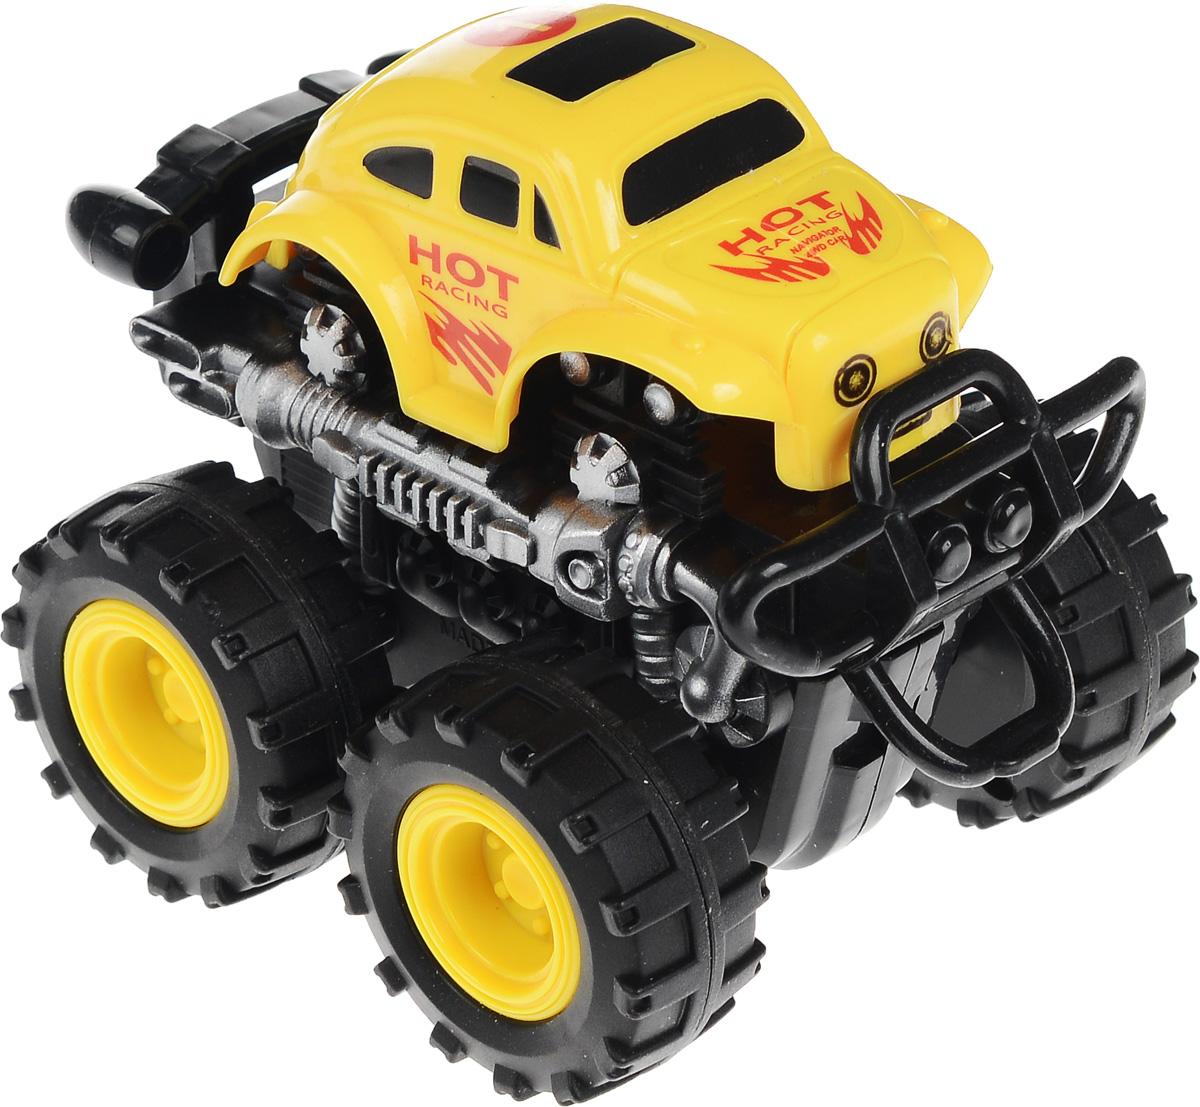 Big Motors Машинка инерционная 4 WD цвет желтый №1806B_желтый, черный №1Инерционная машинка Big Motors 4WD станет любимой игрушкой вашего малыша. Игрушка представляет собой мощный внедорожник с большими колесами. Машинка оснащена инерционным механизмом. Достаточно немного подтолкнуть машинку вперед или назад, а затем отпустить, и она сама поедет в ту же сторону. Ваш ребенок будет увлеченно играть с этим внедорожником, придумывая различные истории. Порадуйте его таким замечательным подарком!